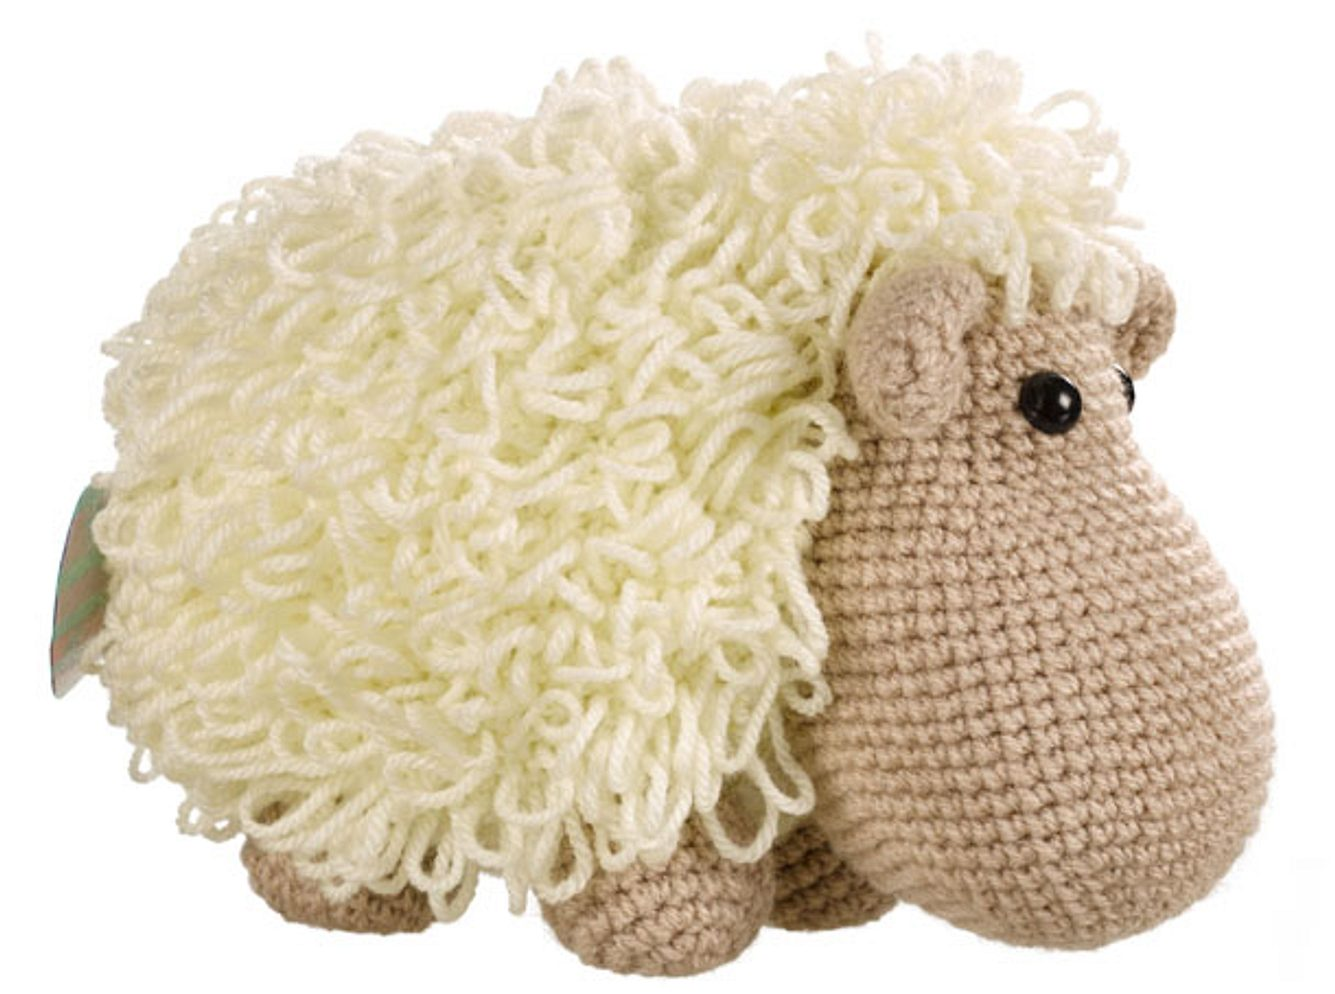 Kuscheltier stricken: Wolliges Schaf zum Nachstricken